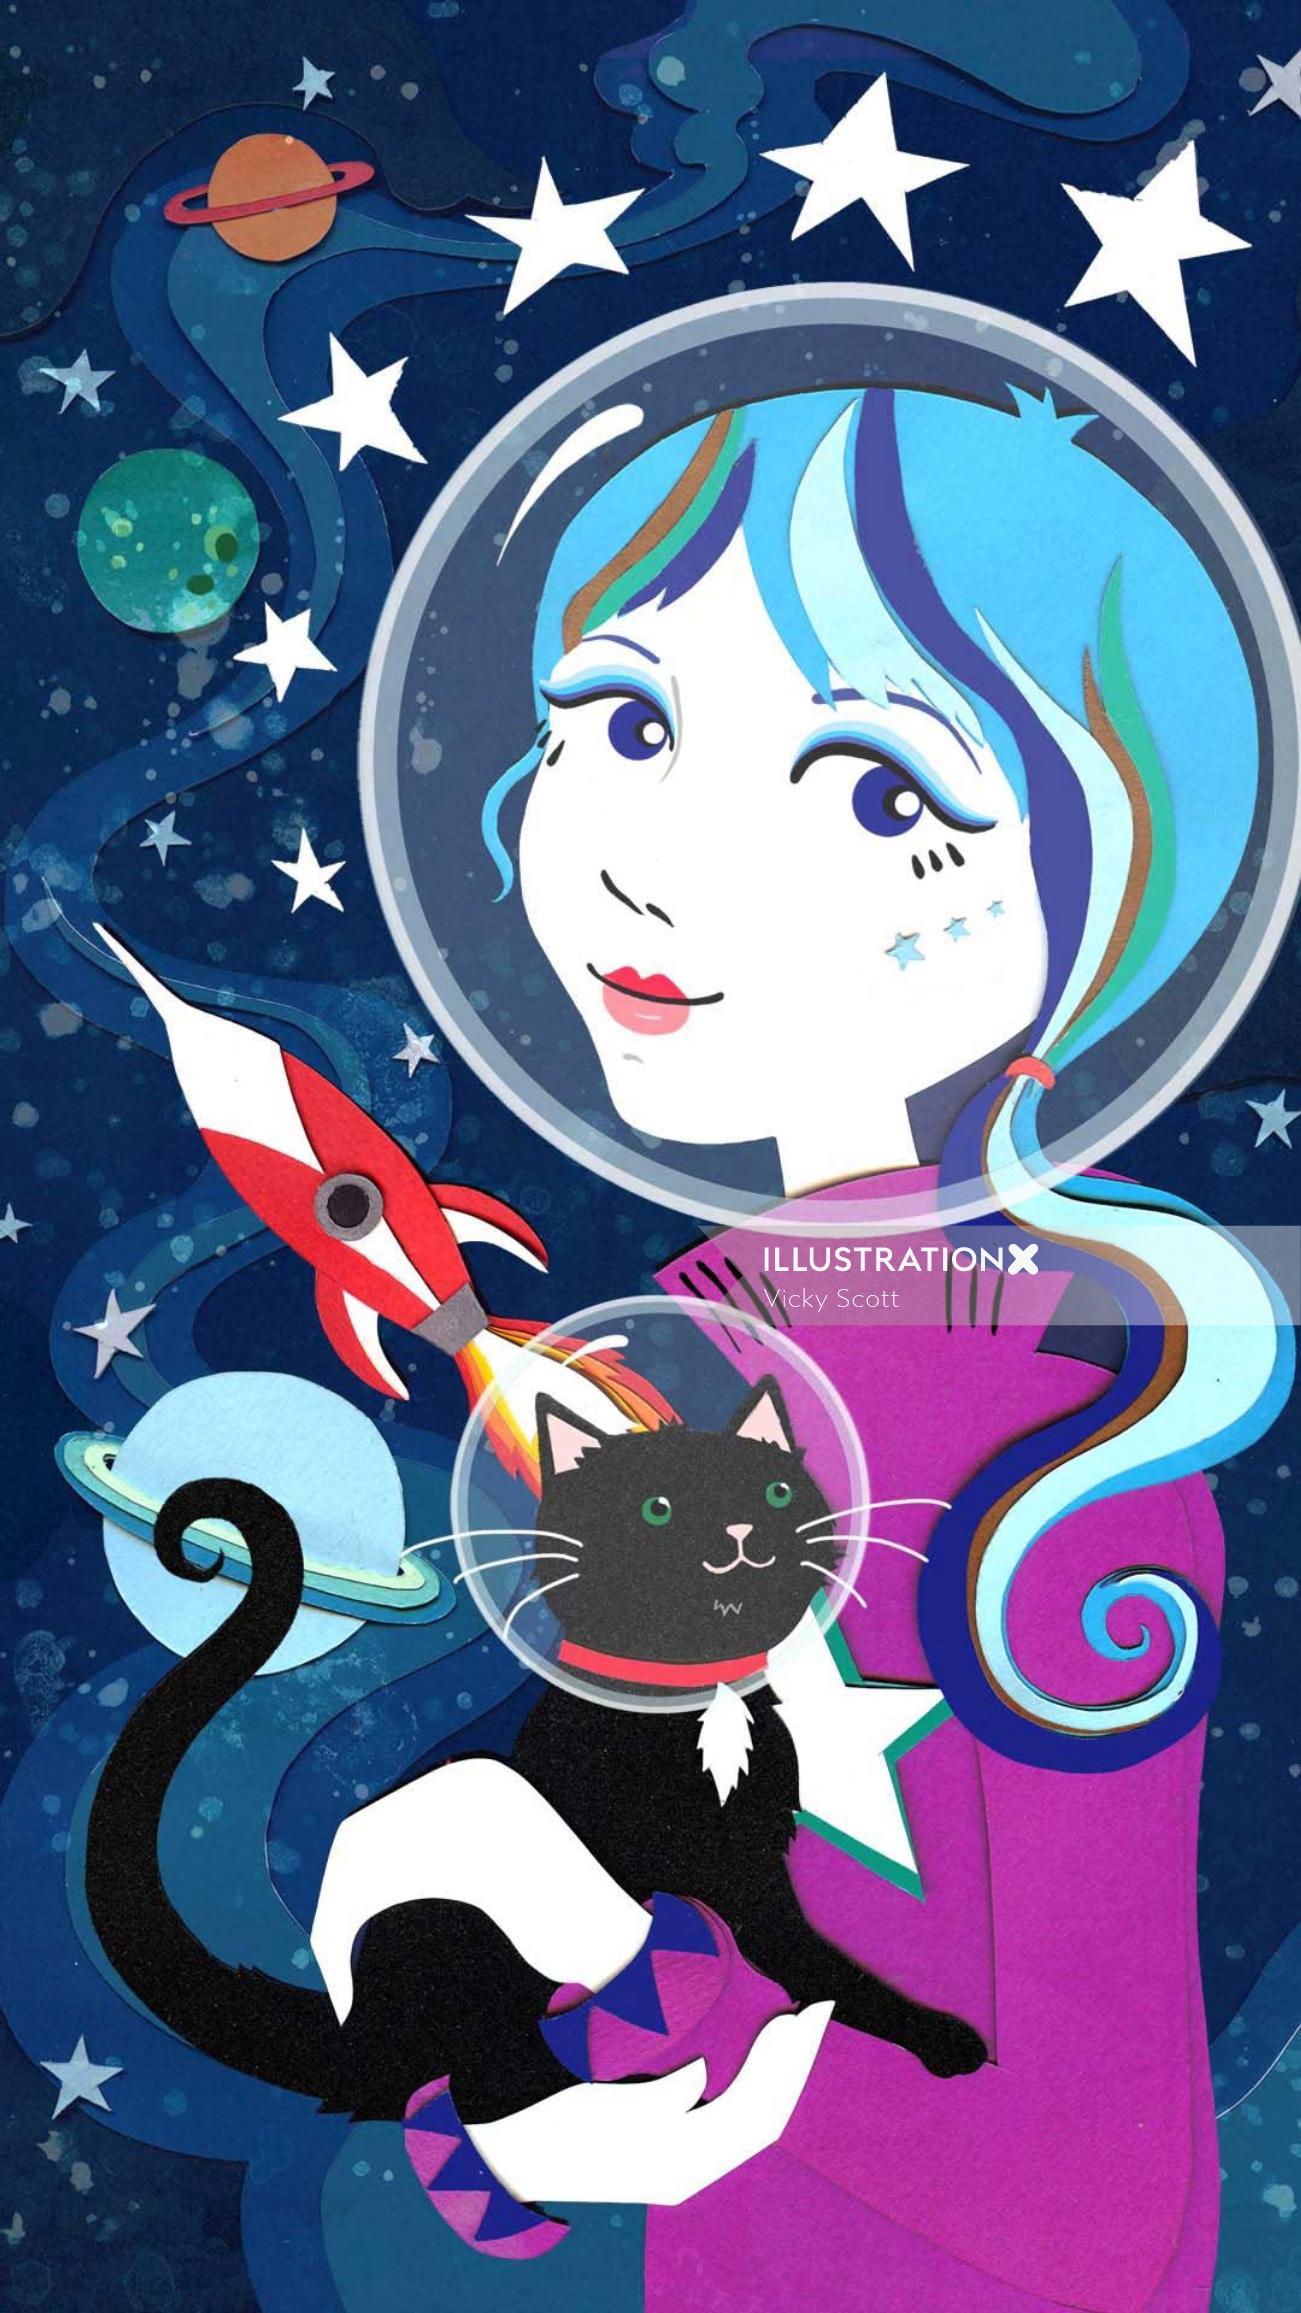 Space theme illustration by Vicky Scott